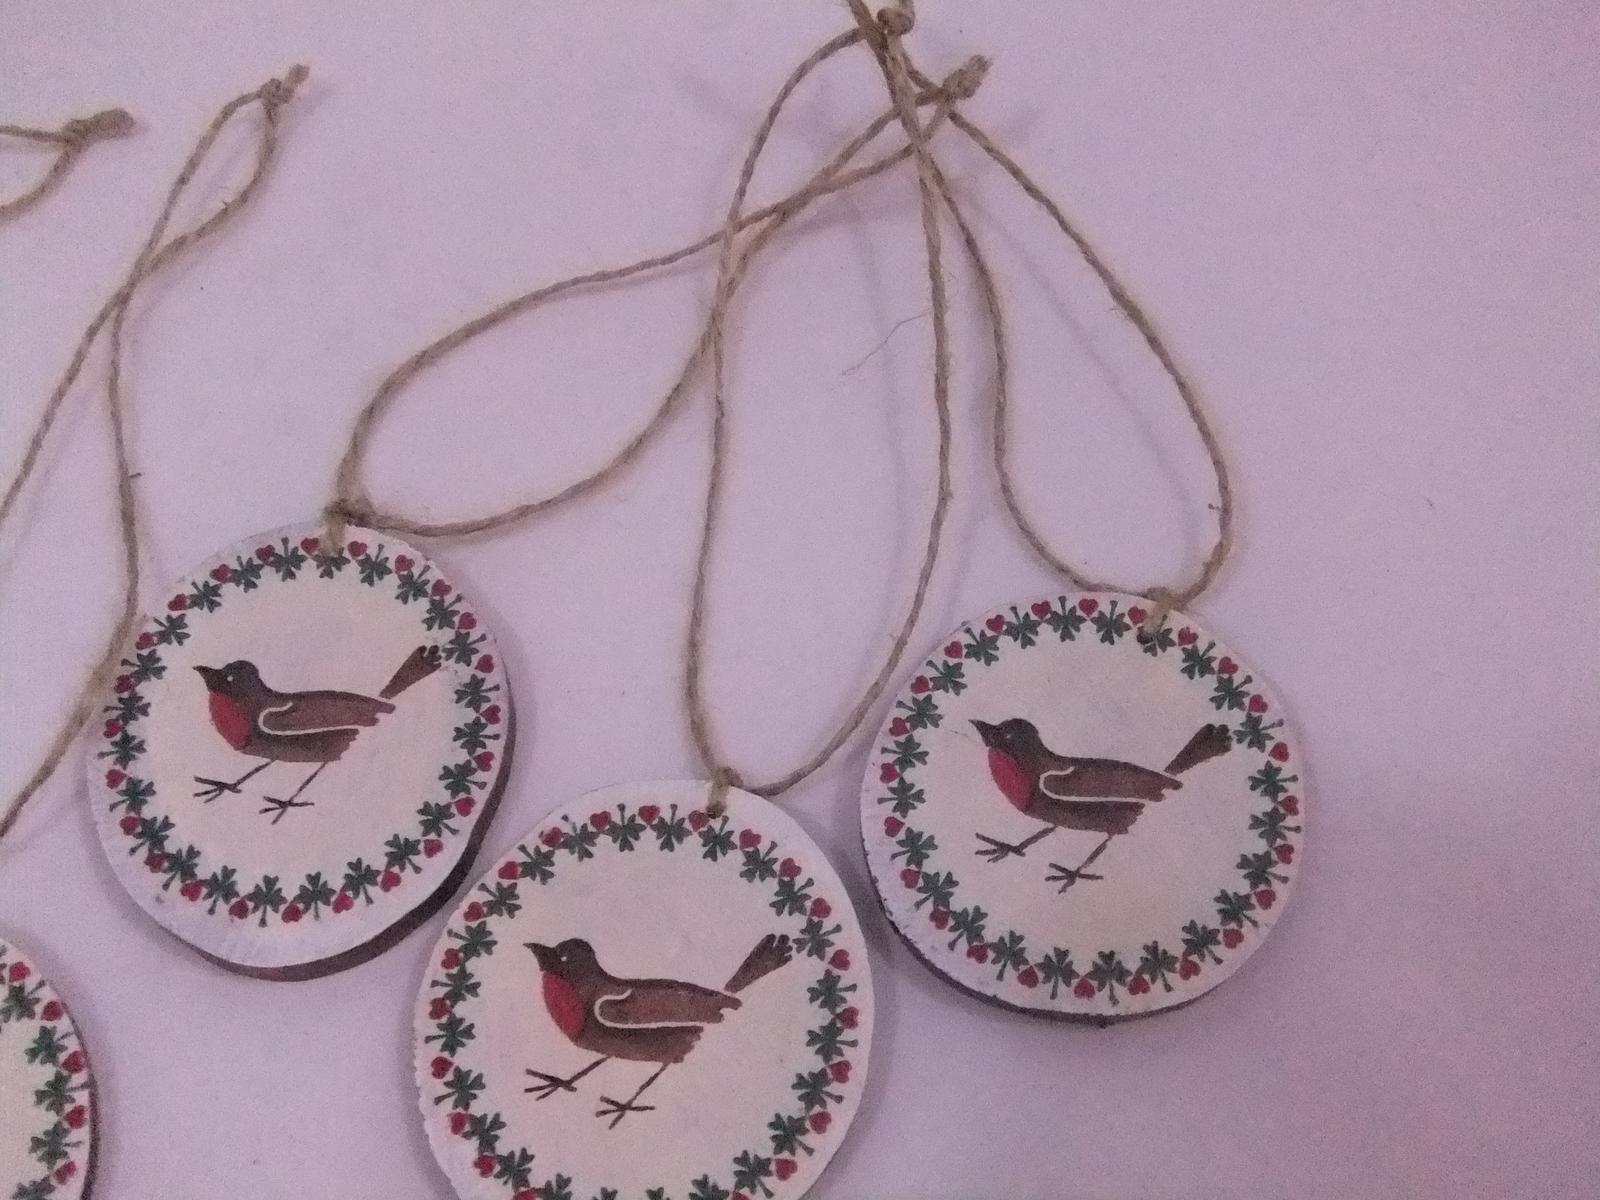 Prírodná dekorácia vtáčiky,sada 5ks s poštou - Obrázok č. 3